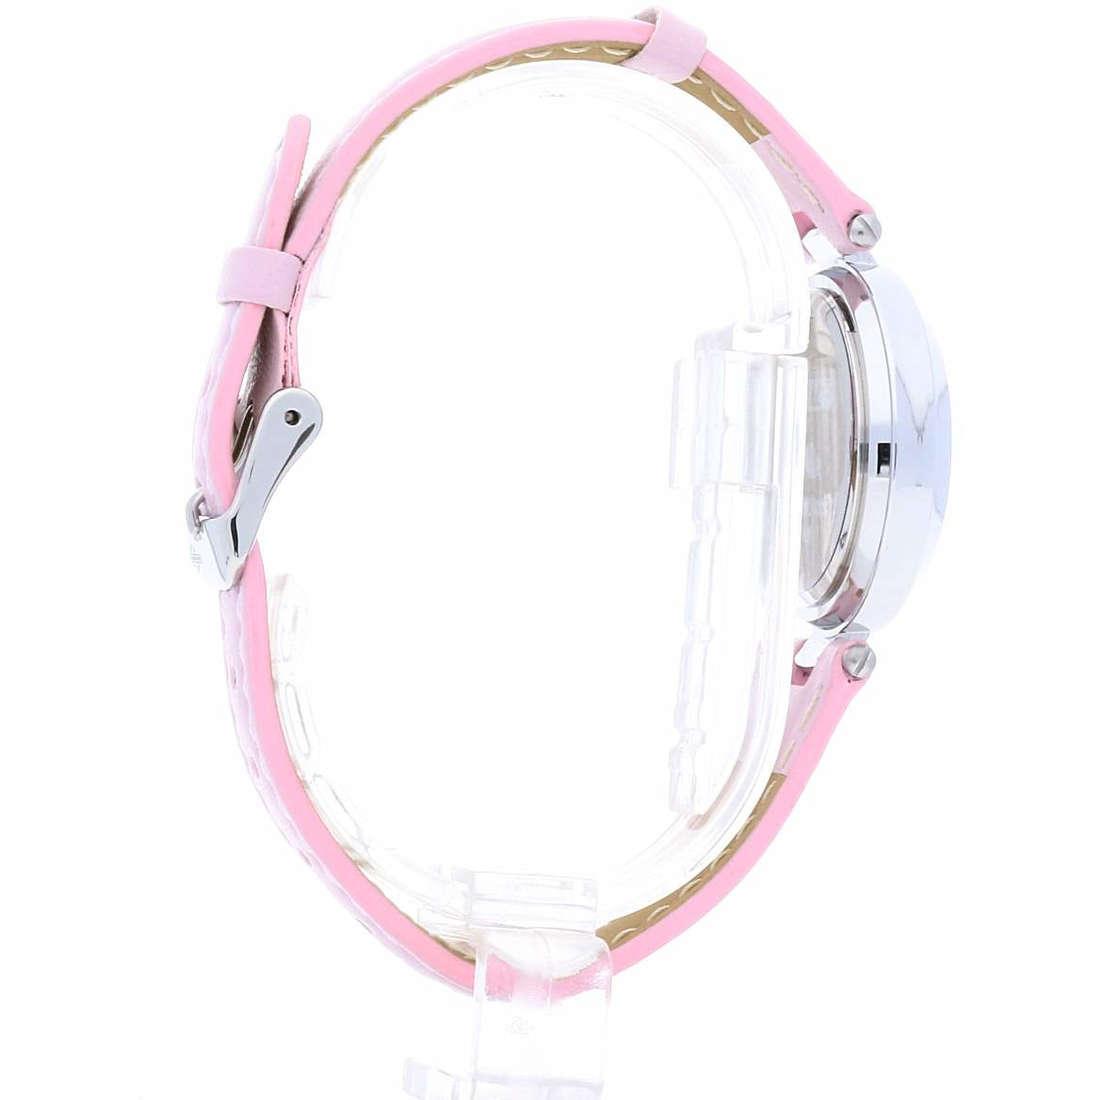 acquista orologi donna Chronostar R3751243509